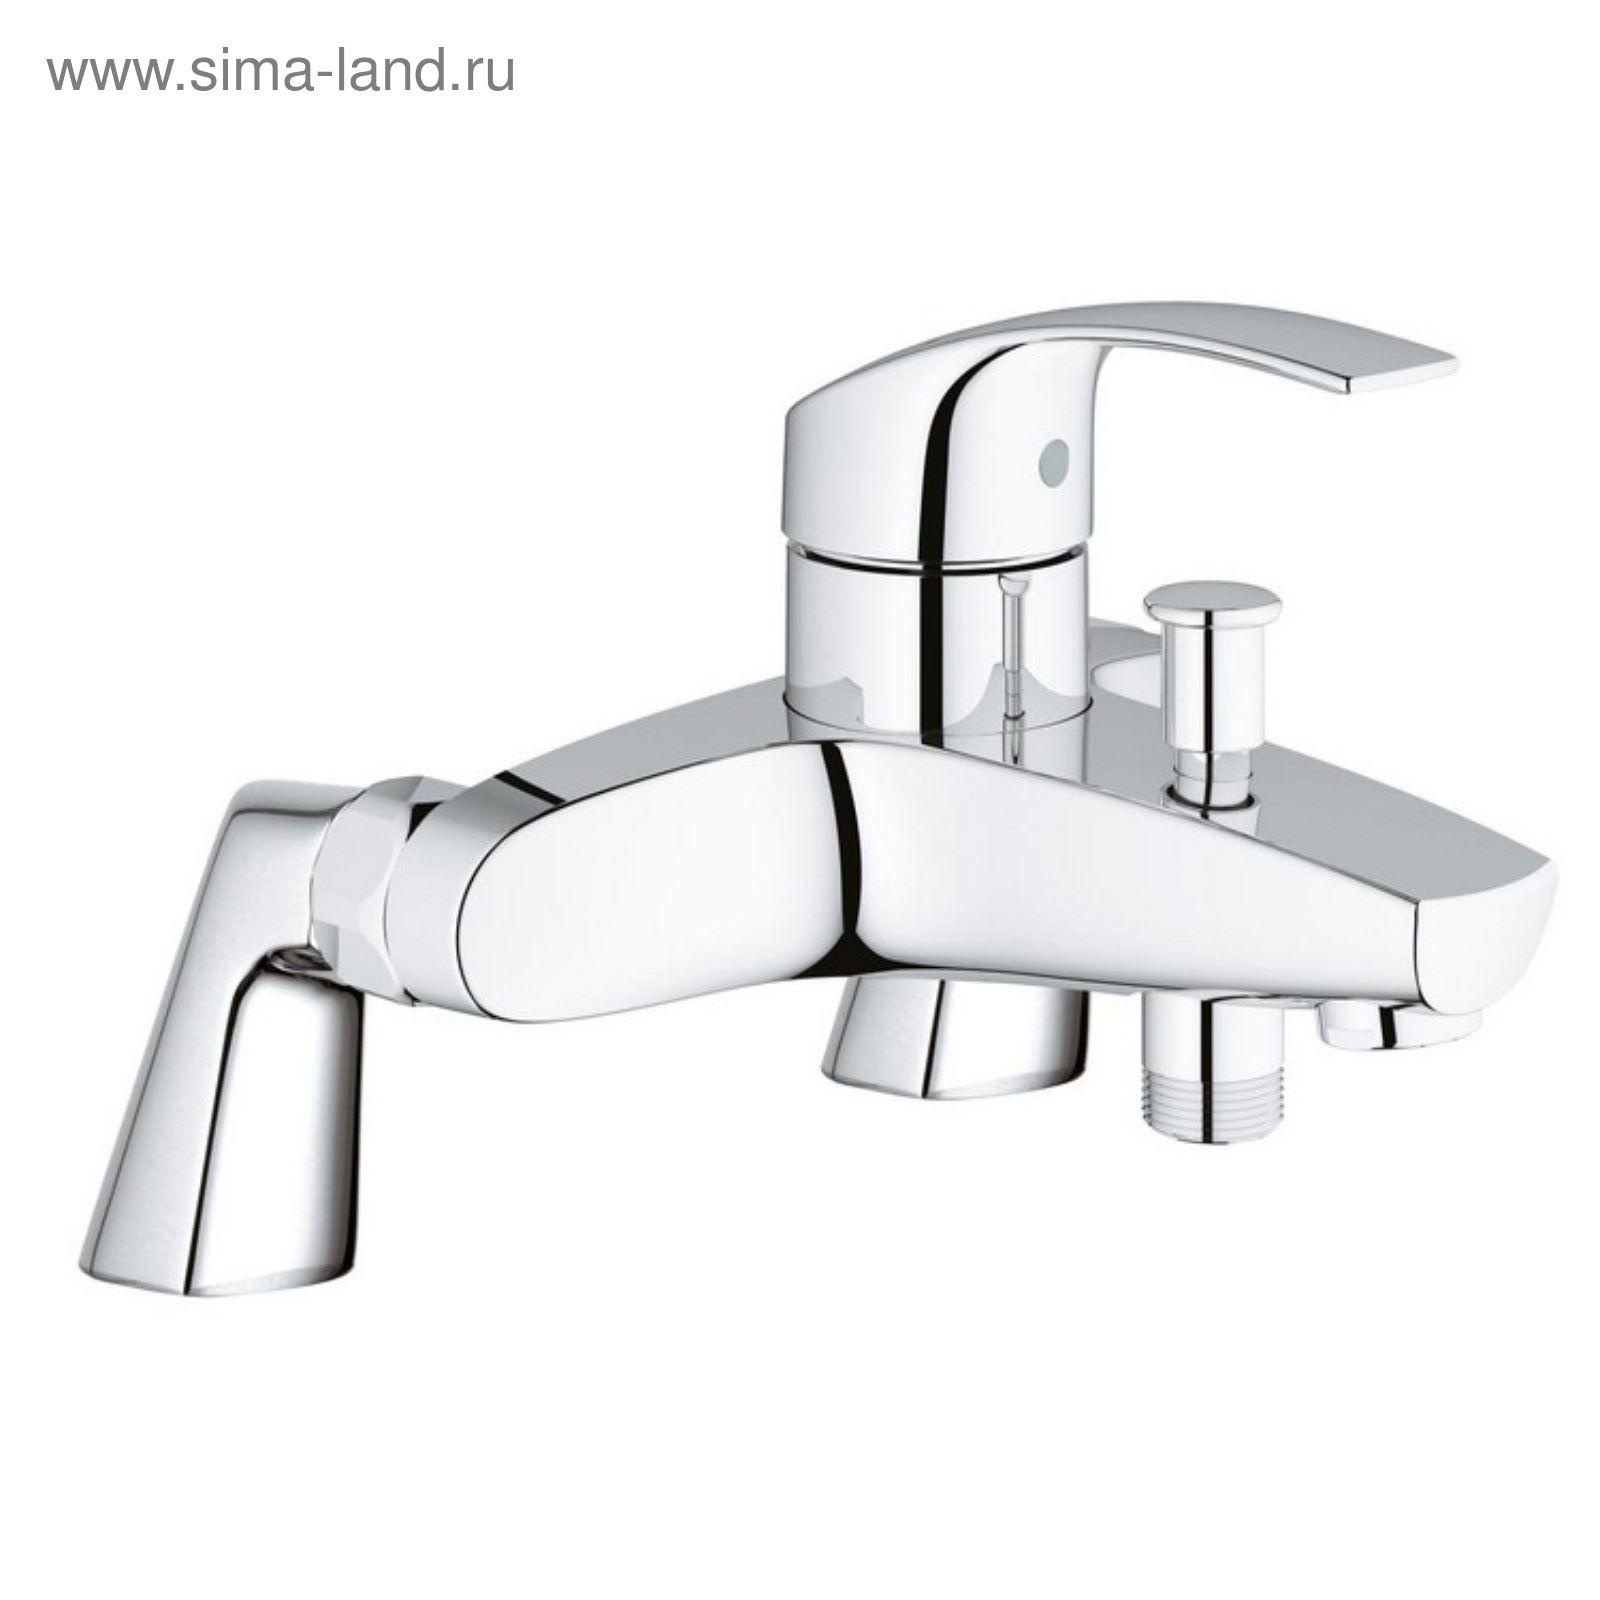 Купить смеситель для ванны вертикальный проекты ремонтов ванных комнат